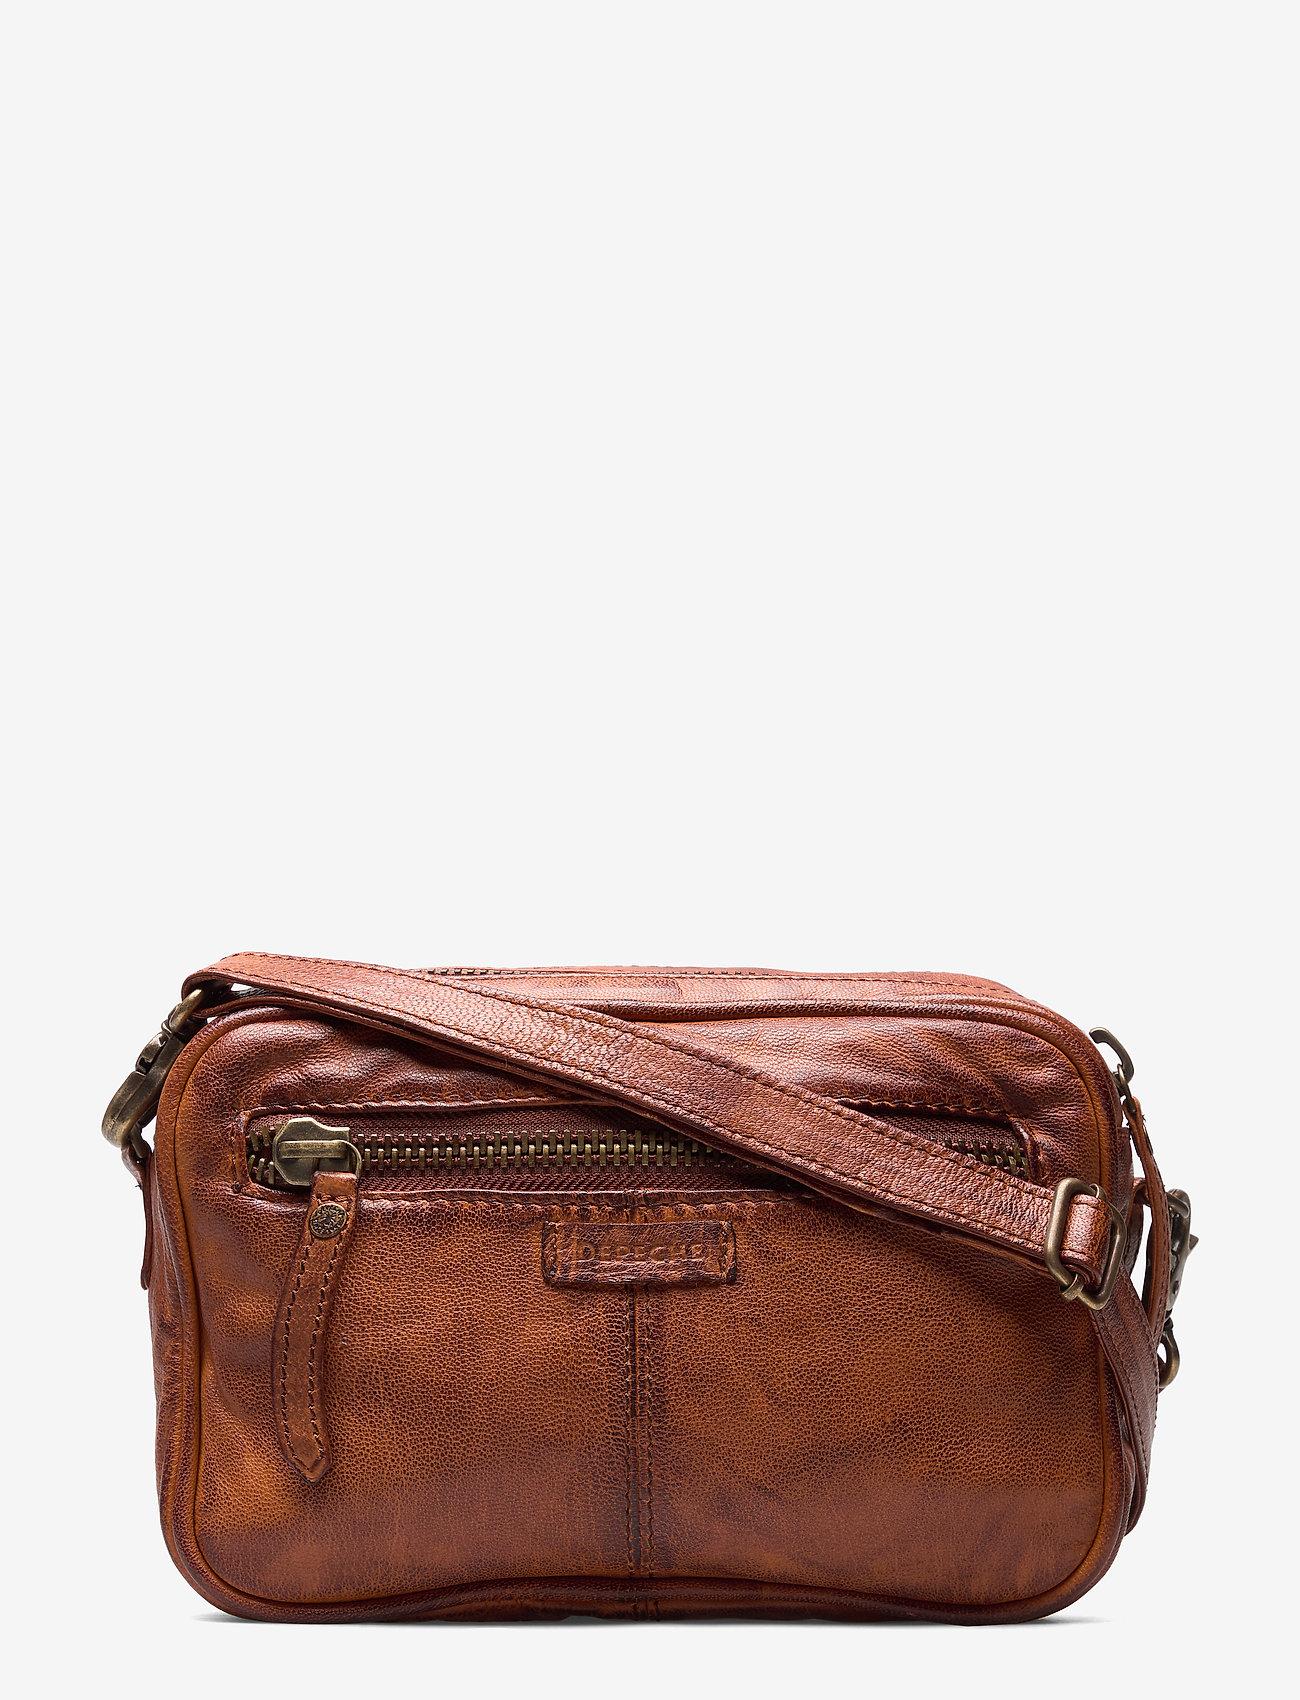 DEPECHE - Small bag / Clutch - schoudertassen - vintage cognac - 1